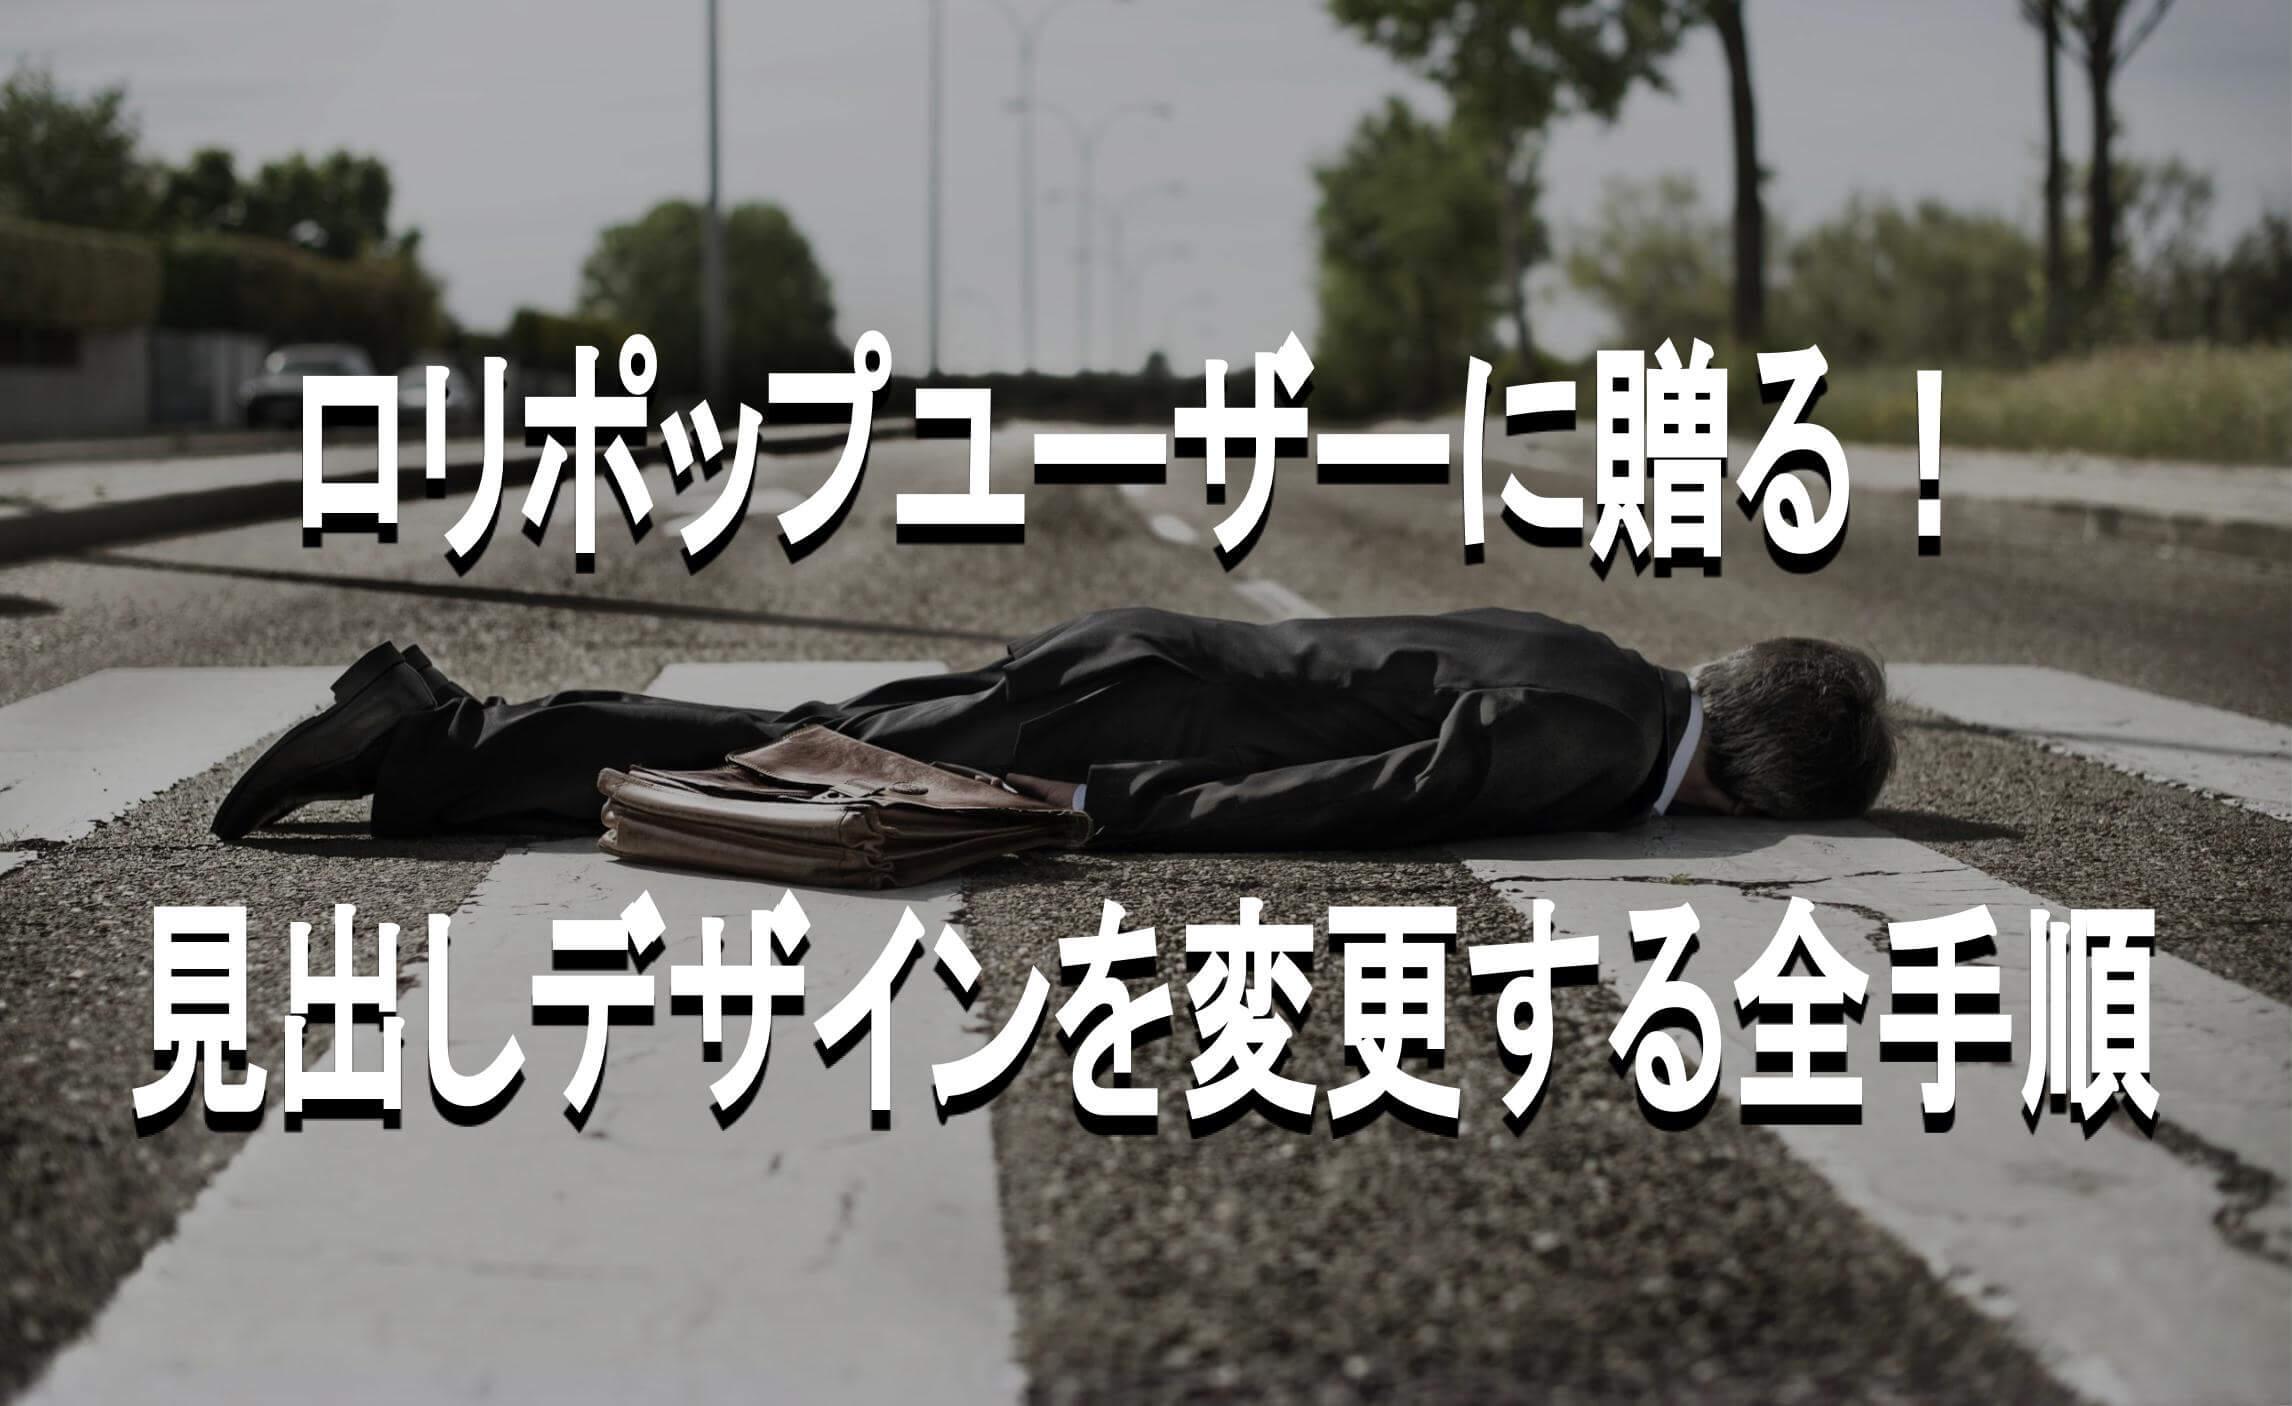 疲れ果てて路上に倒れるサラリーマン」 テキスト「ロリポップユーザーに贈る!見出しデザインを変更する全手順」